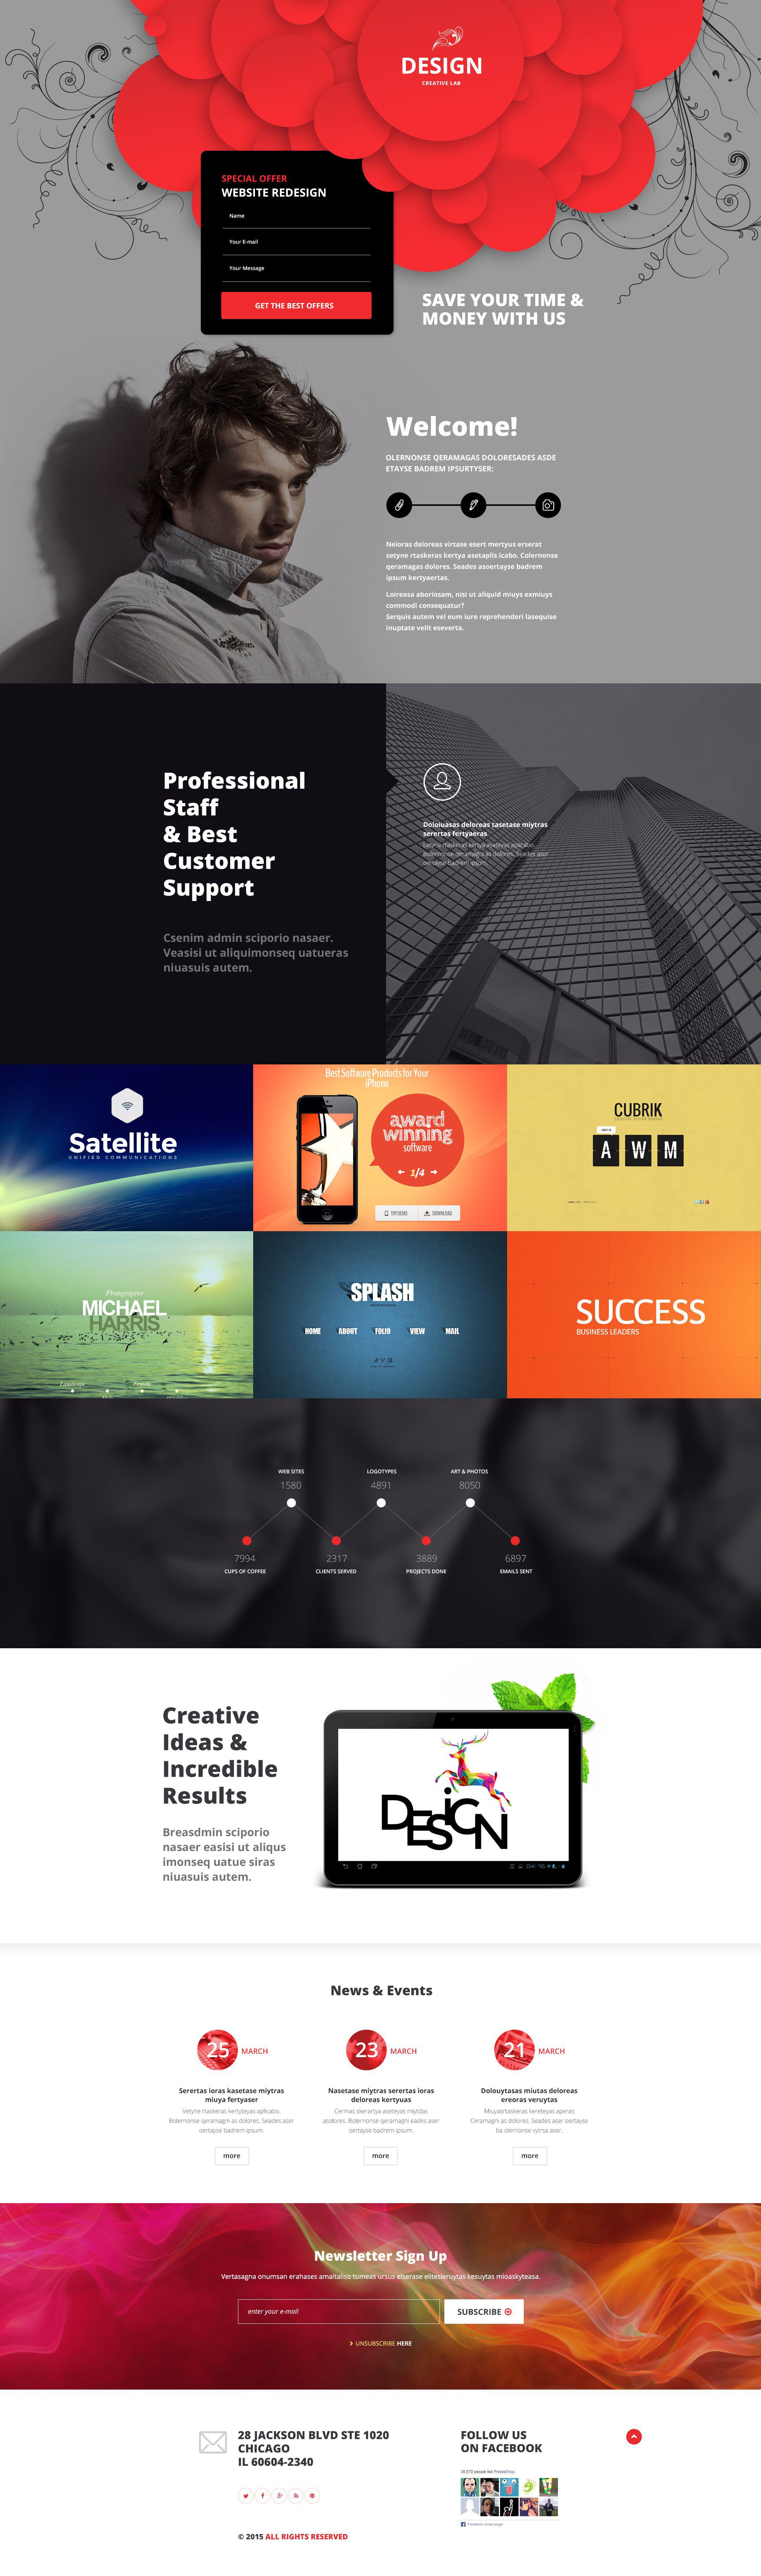 Reszponzív Design studiók Nyítóoldal sablon 53873